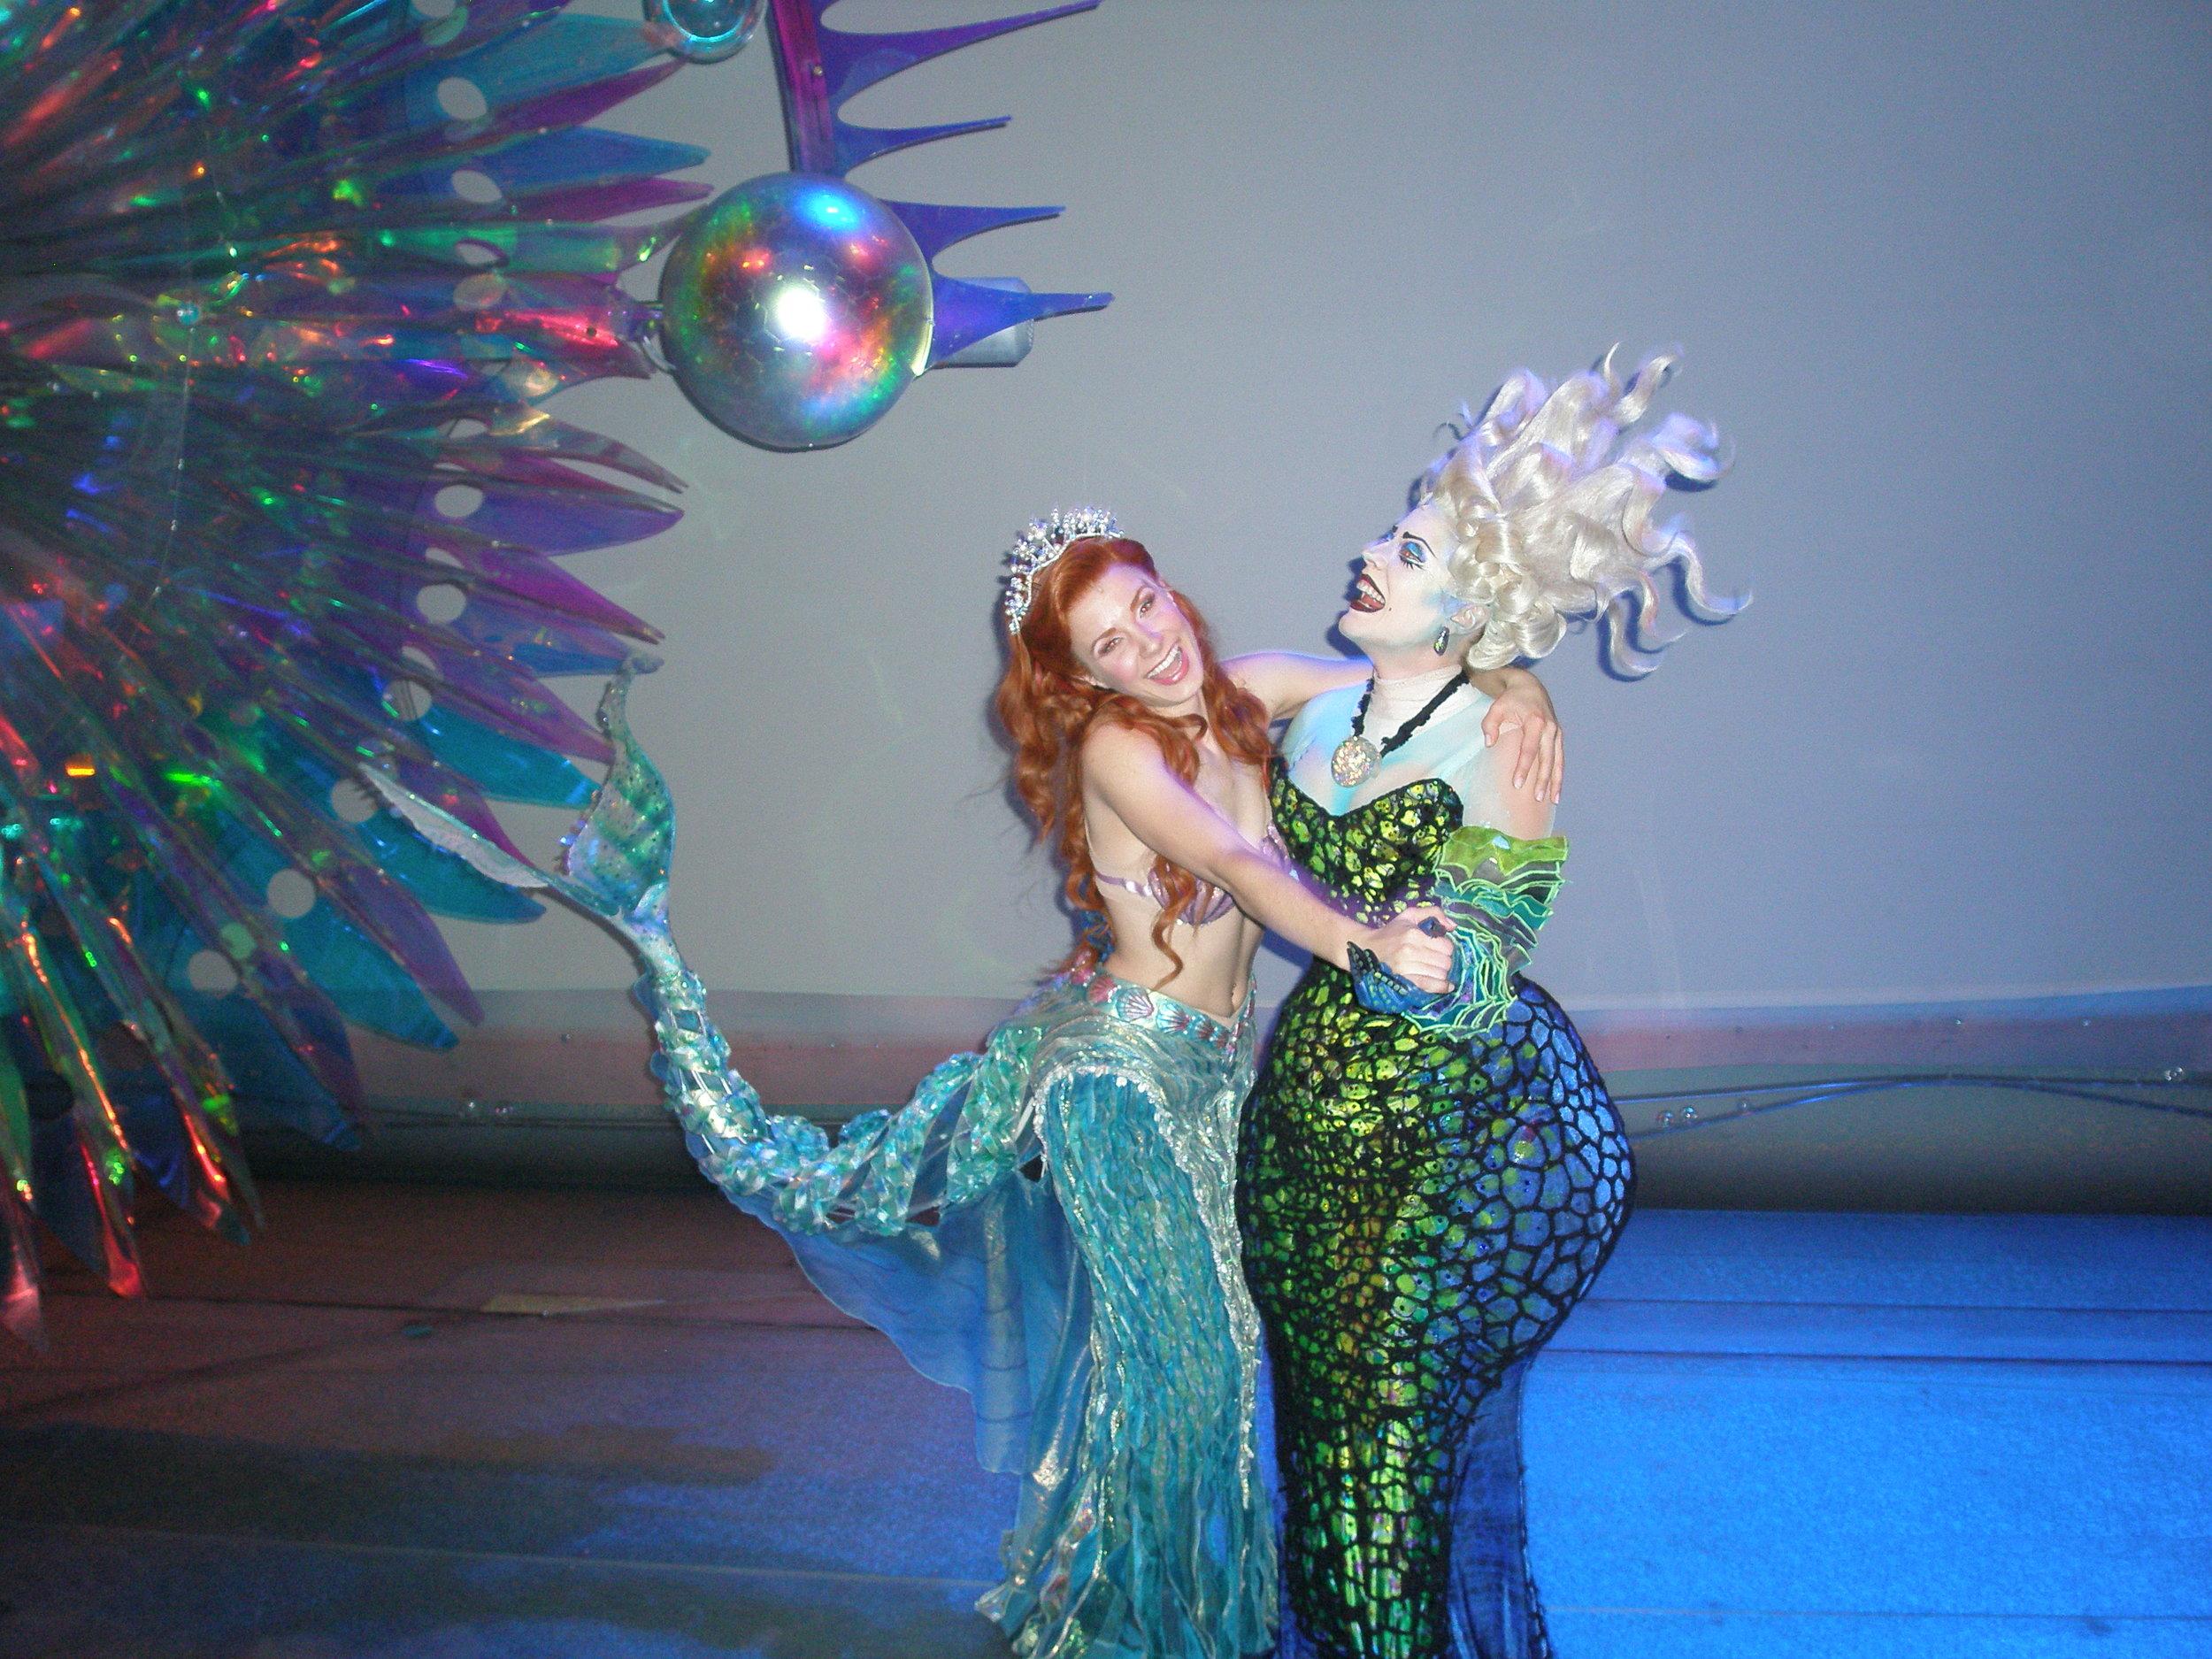 Sierra-Boggess-Little-Mermaid-Broadway-P1250007.JPG